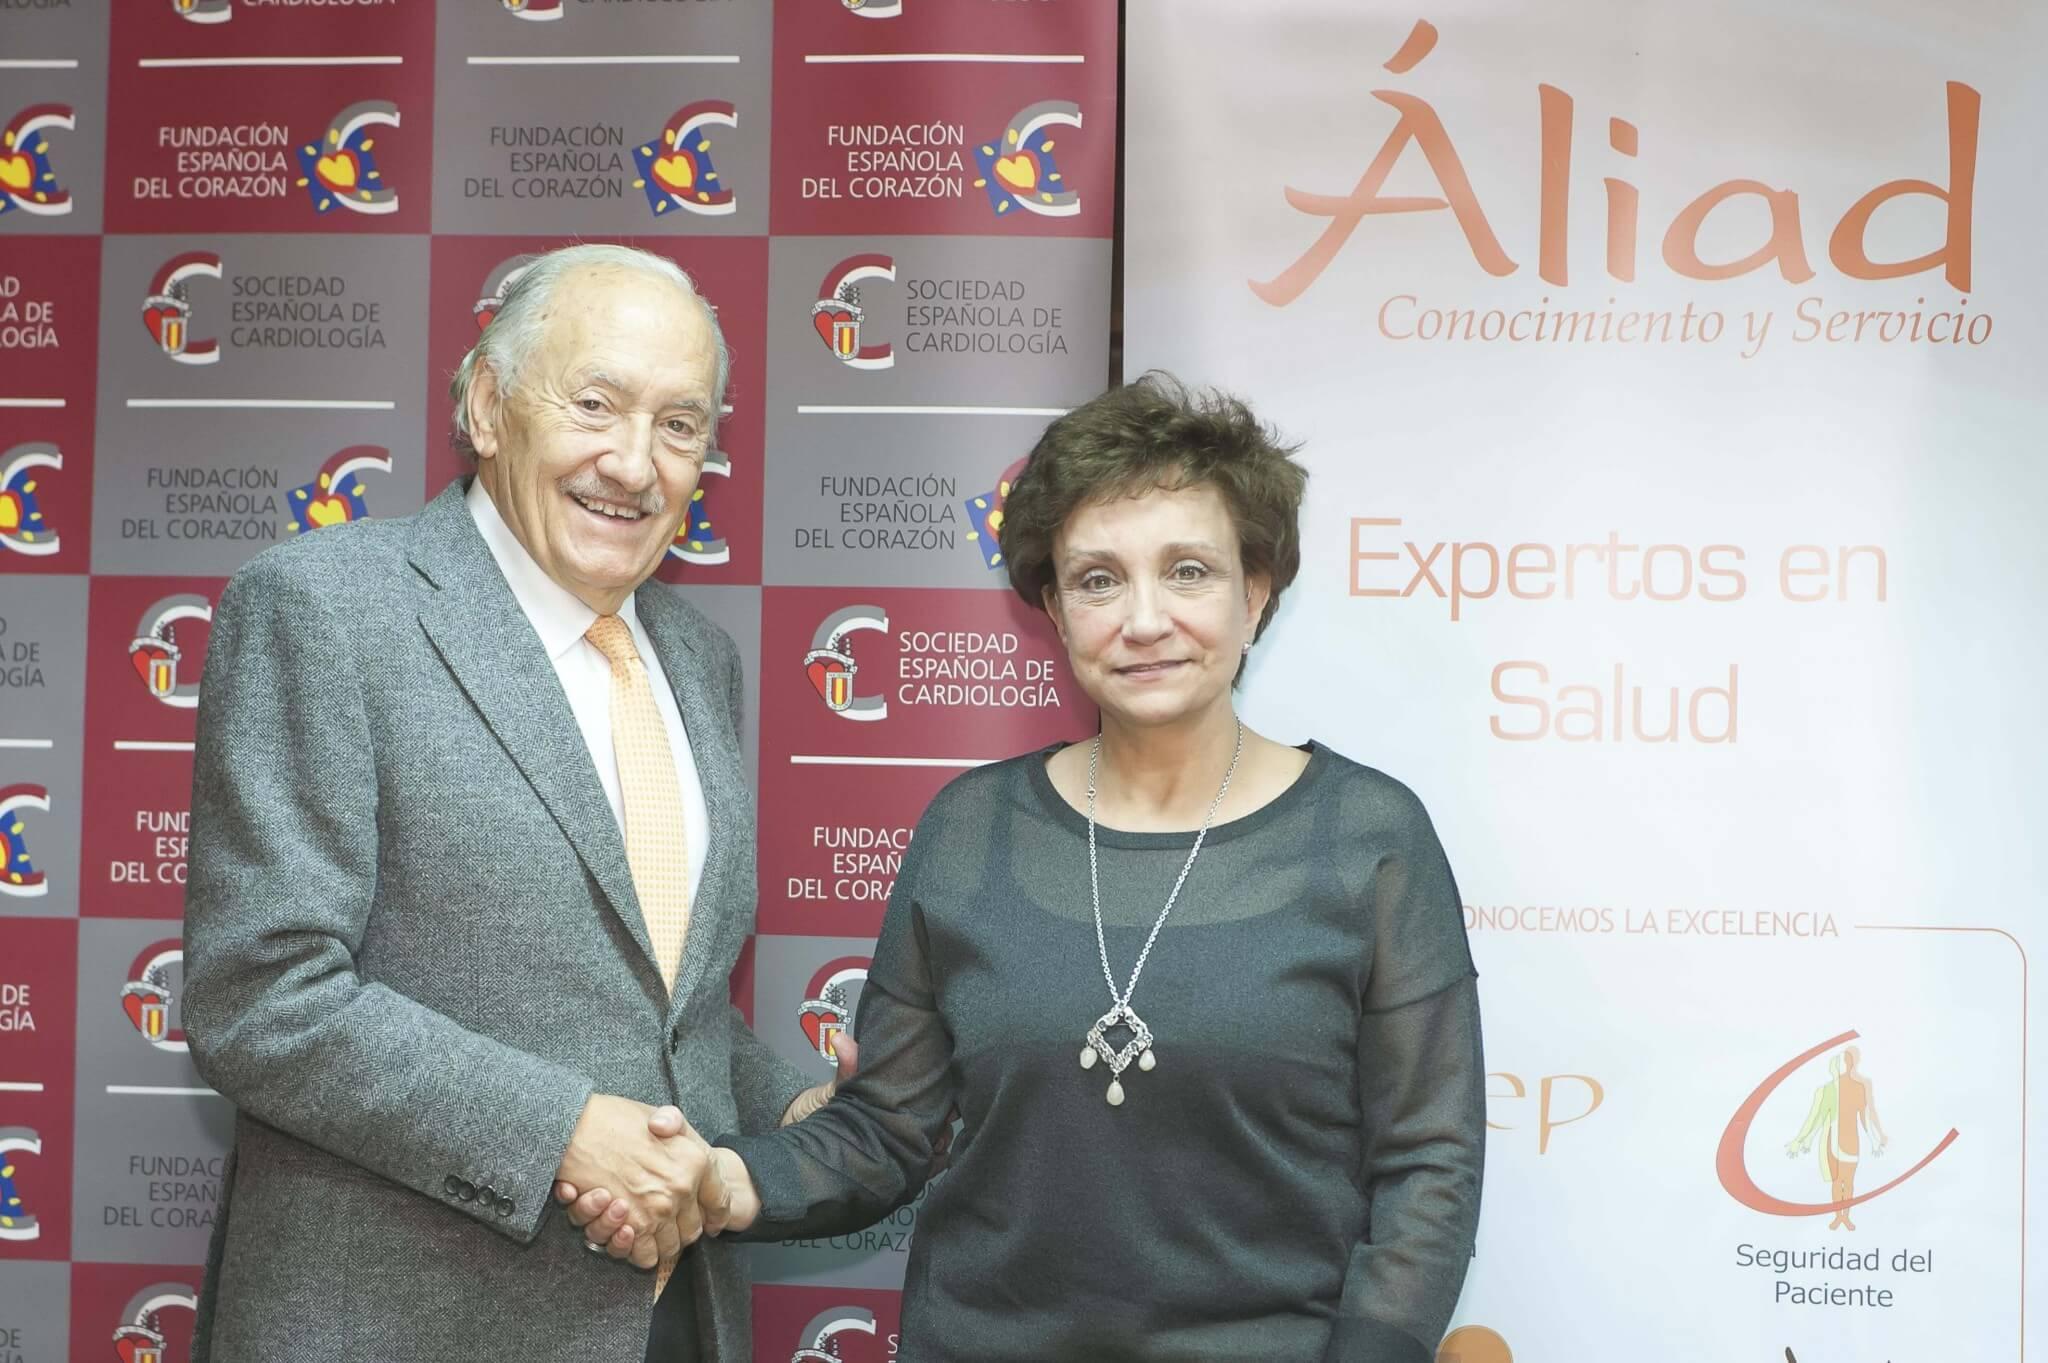 Colaboración con La Fundación Española del Corazón para fomentar una buena salud cardiovascular entre la población